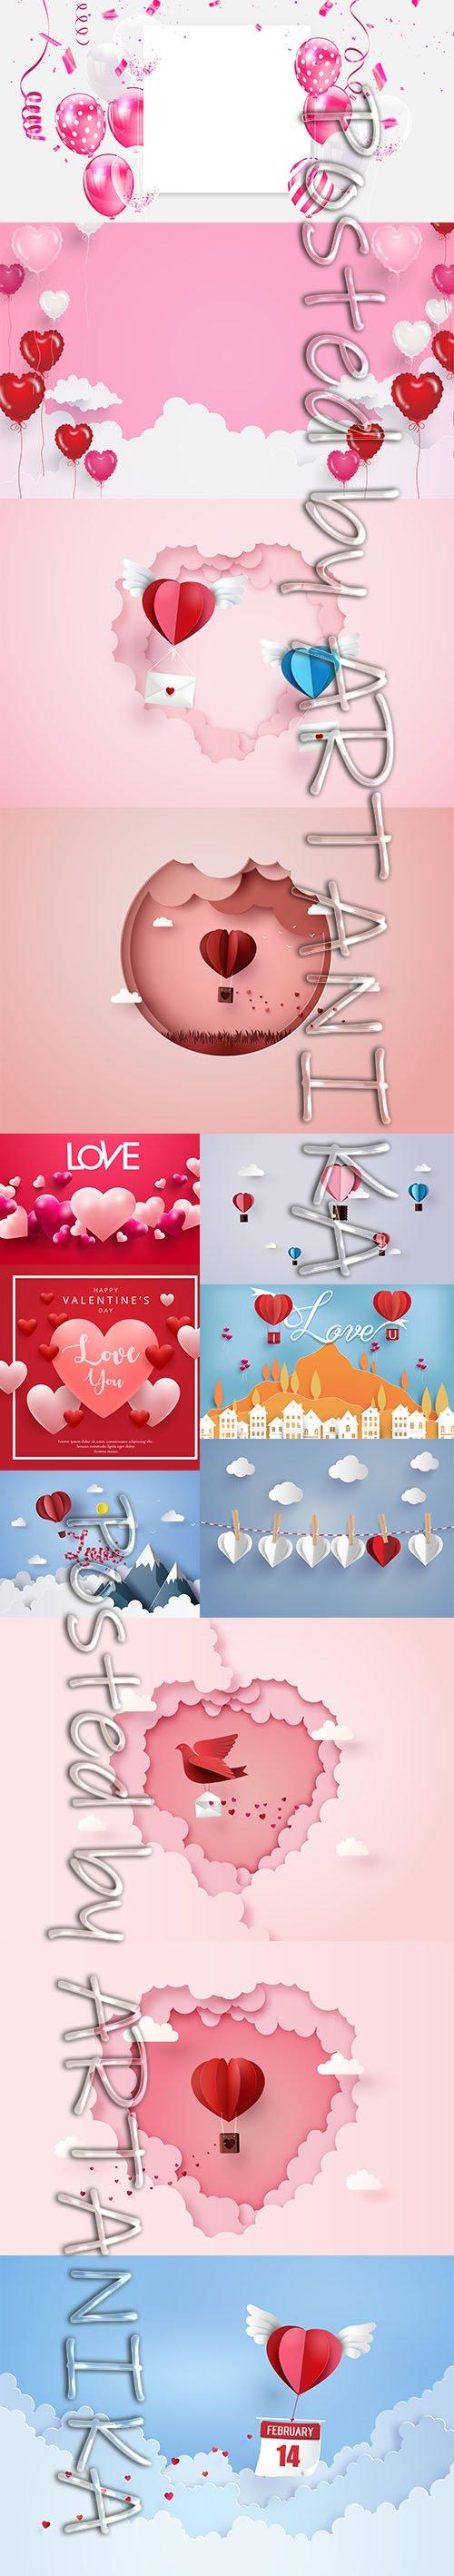 HAPPY VALENTINES DAY ILLUSTRATION SET VOL 14